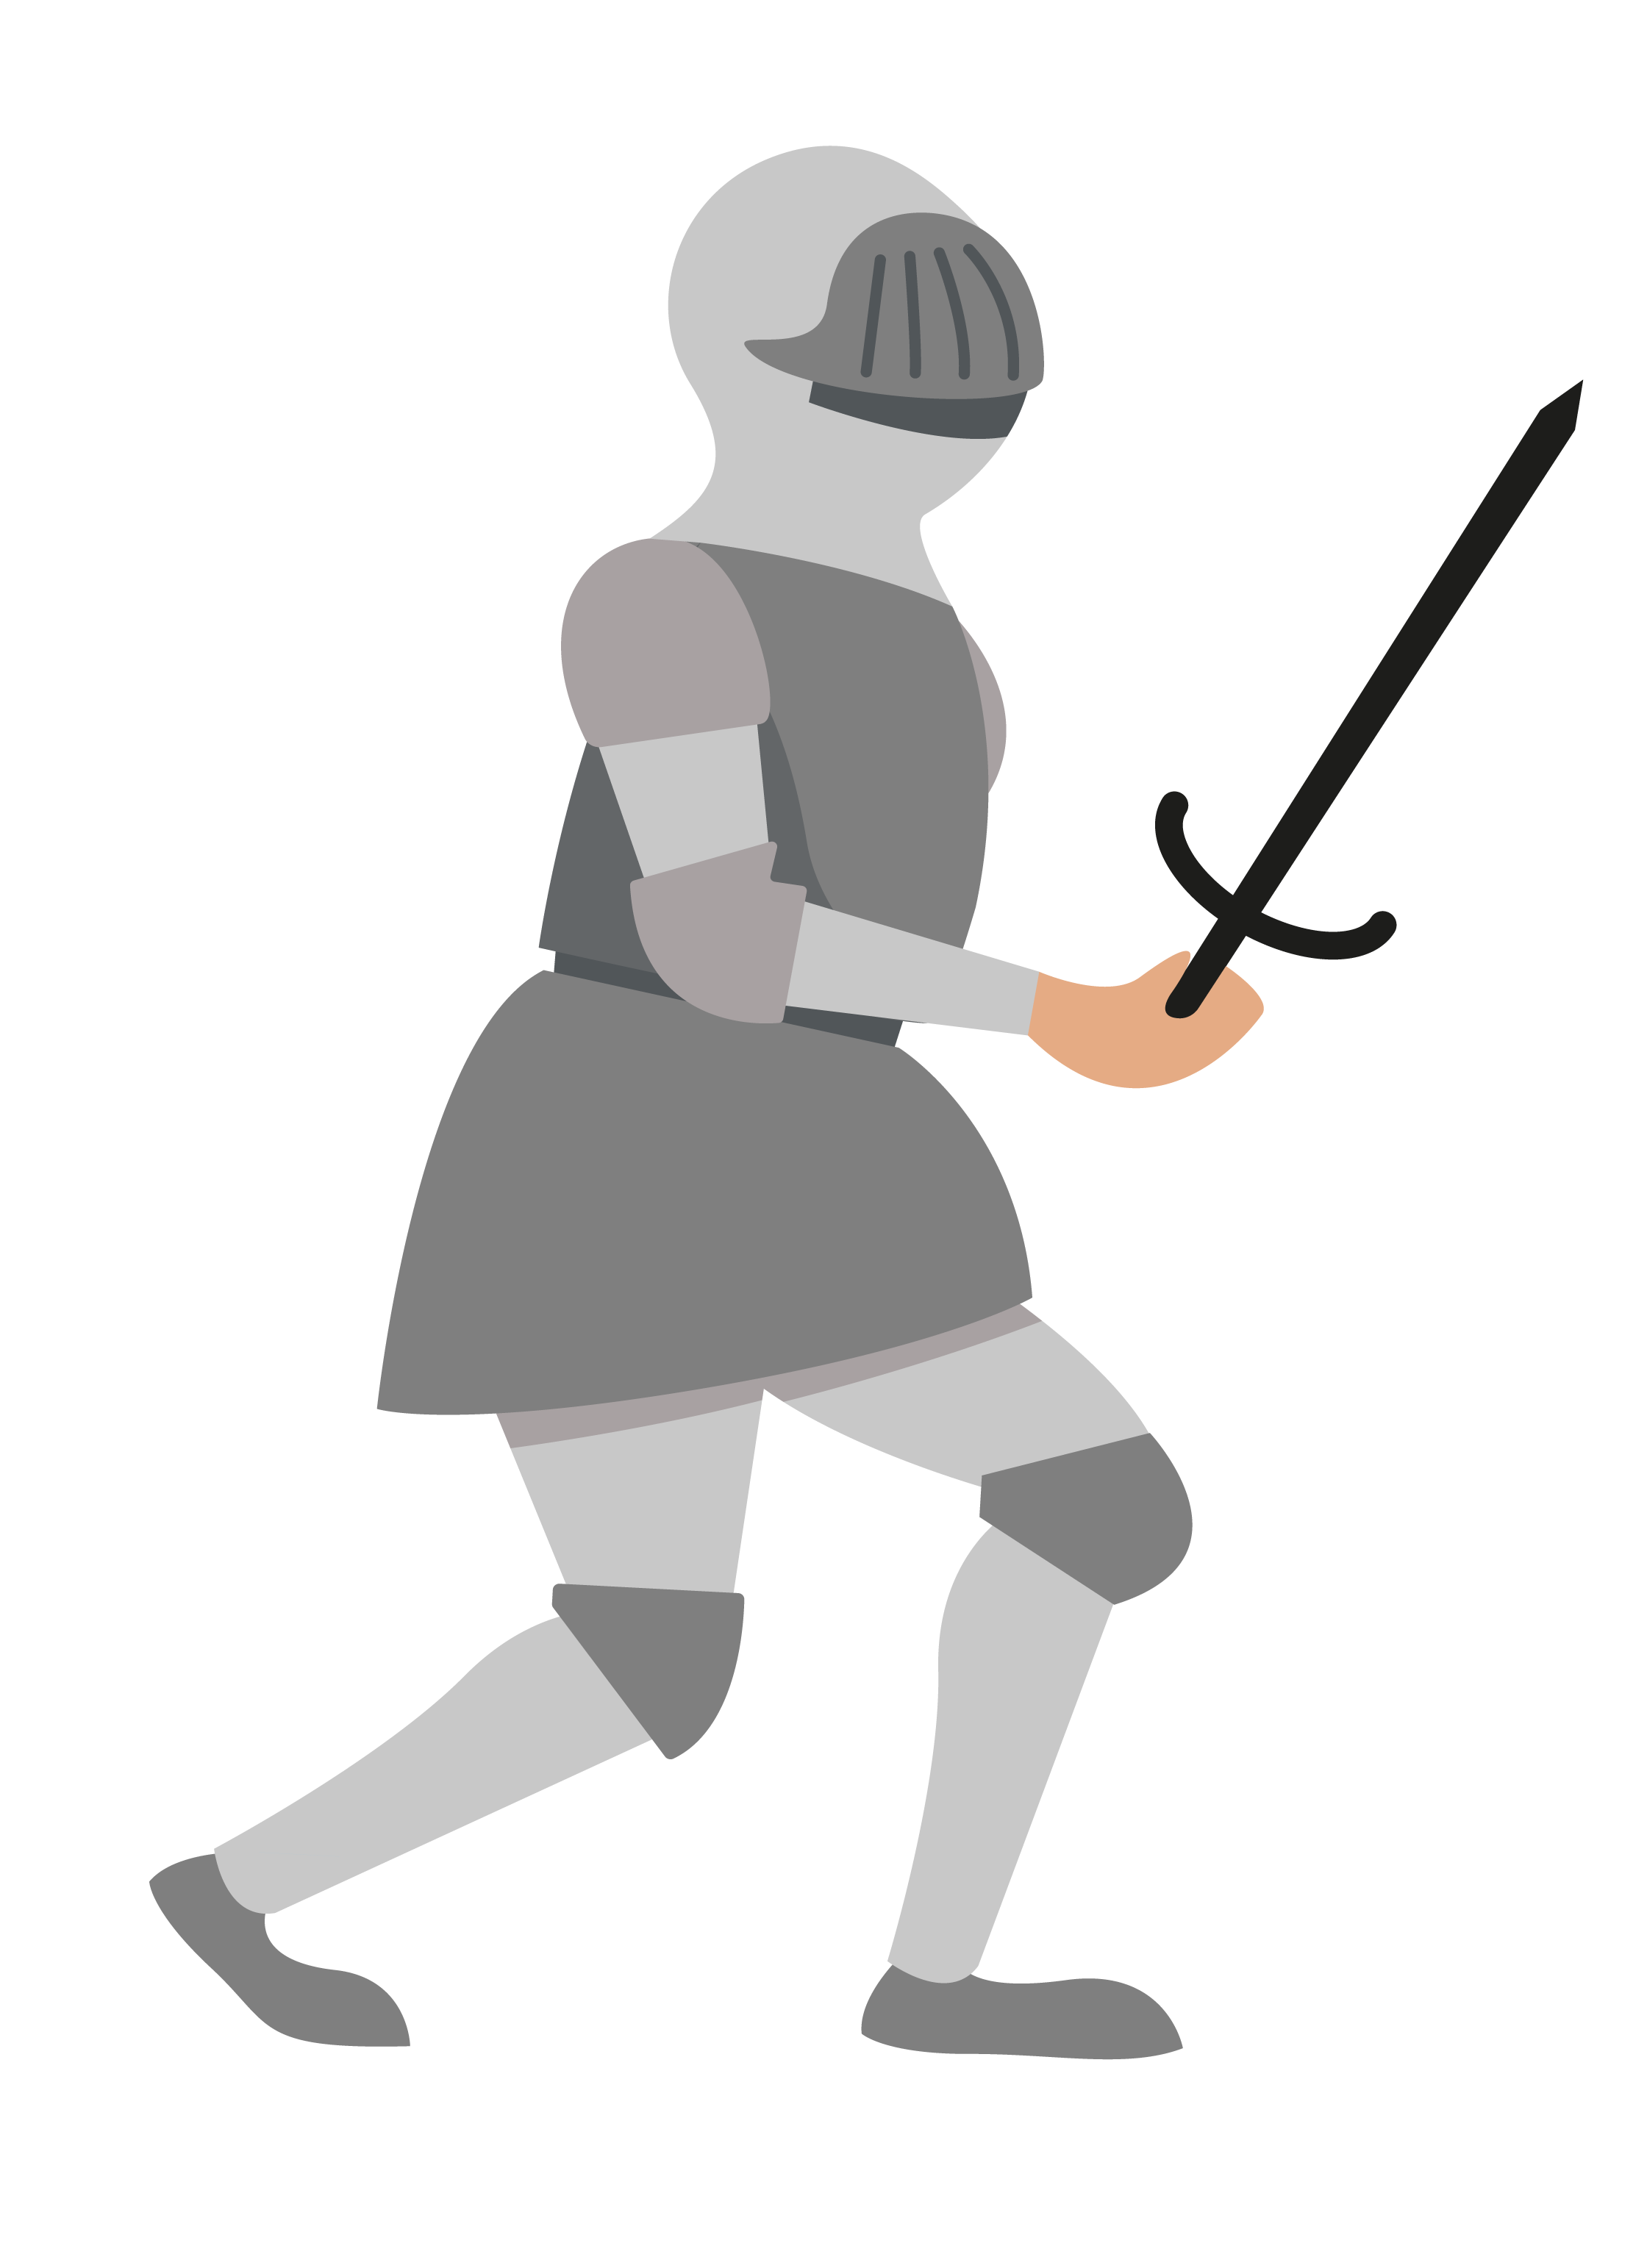 ilustración de caballero armado